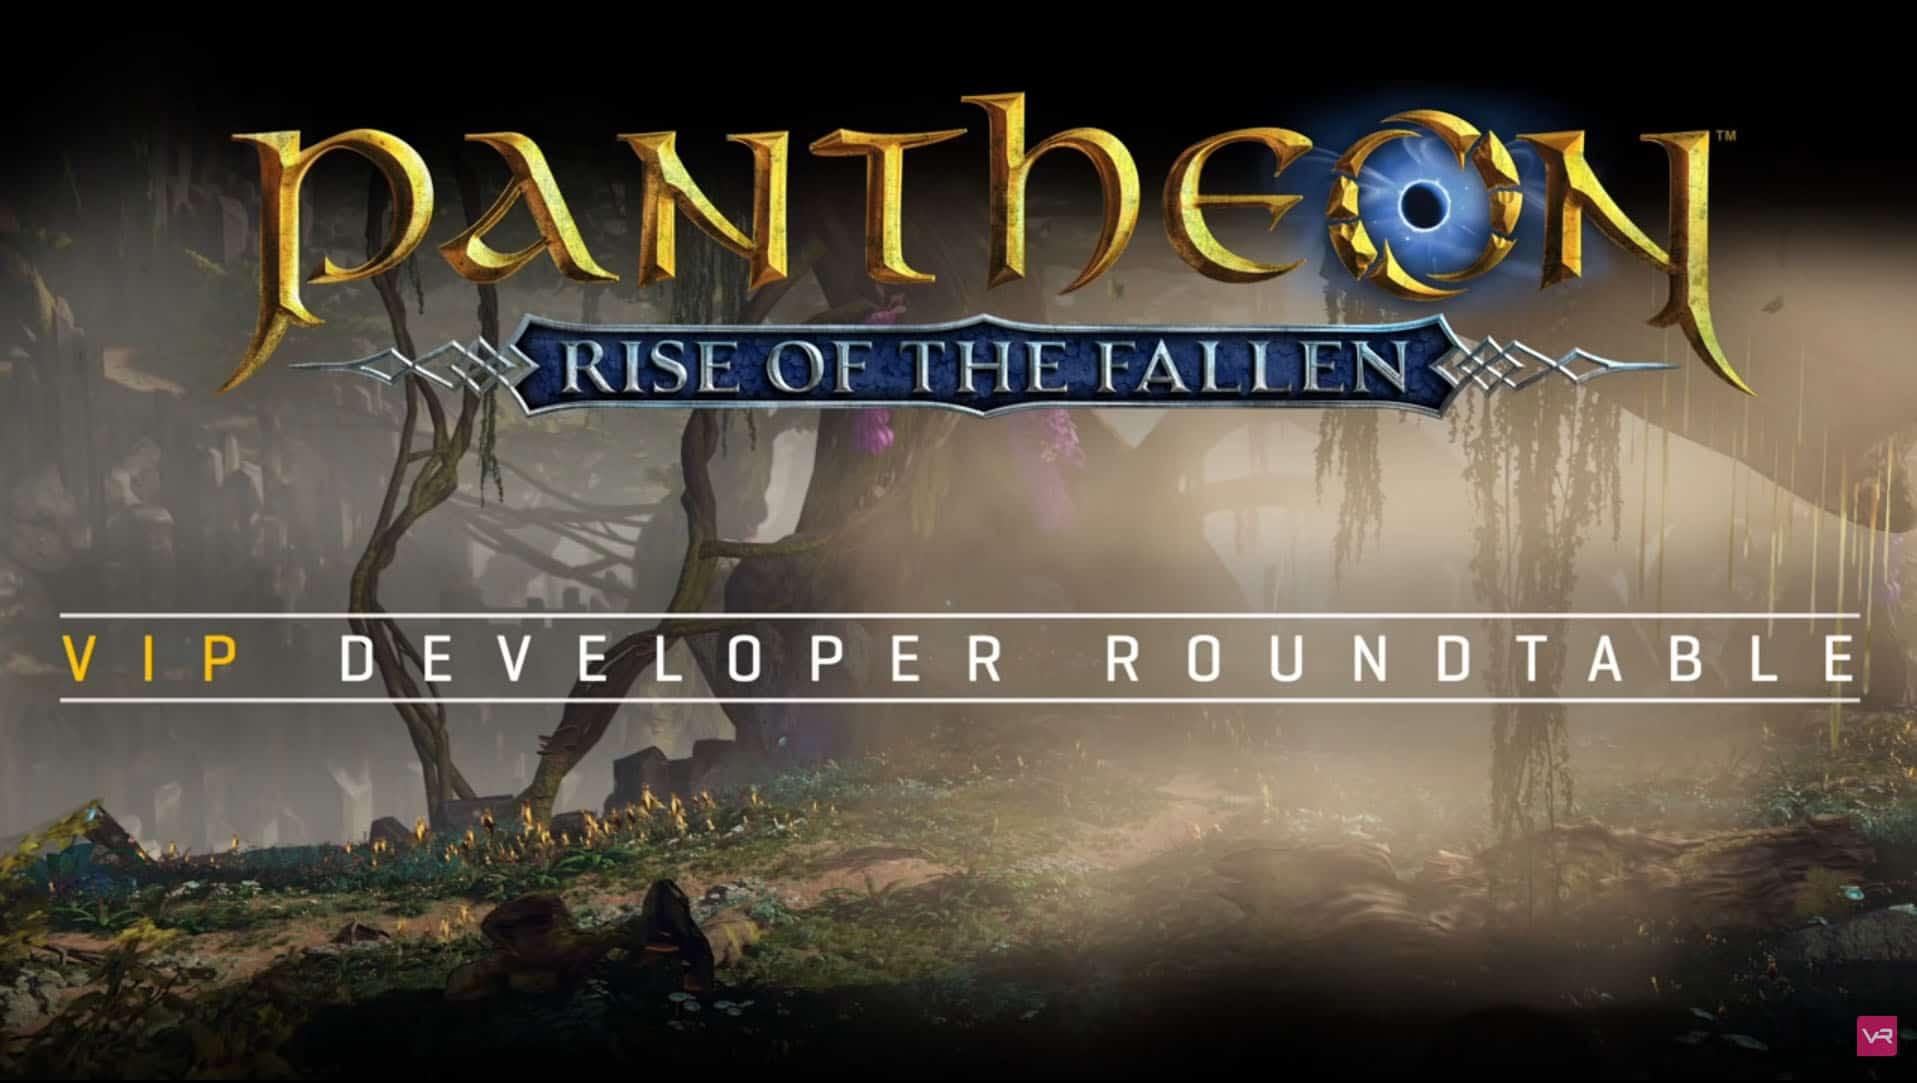 Pantheon December Developer Roundtable 2